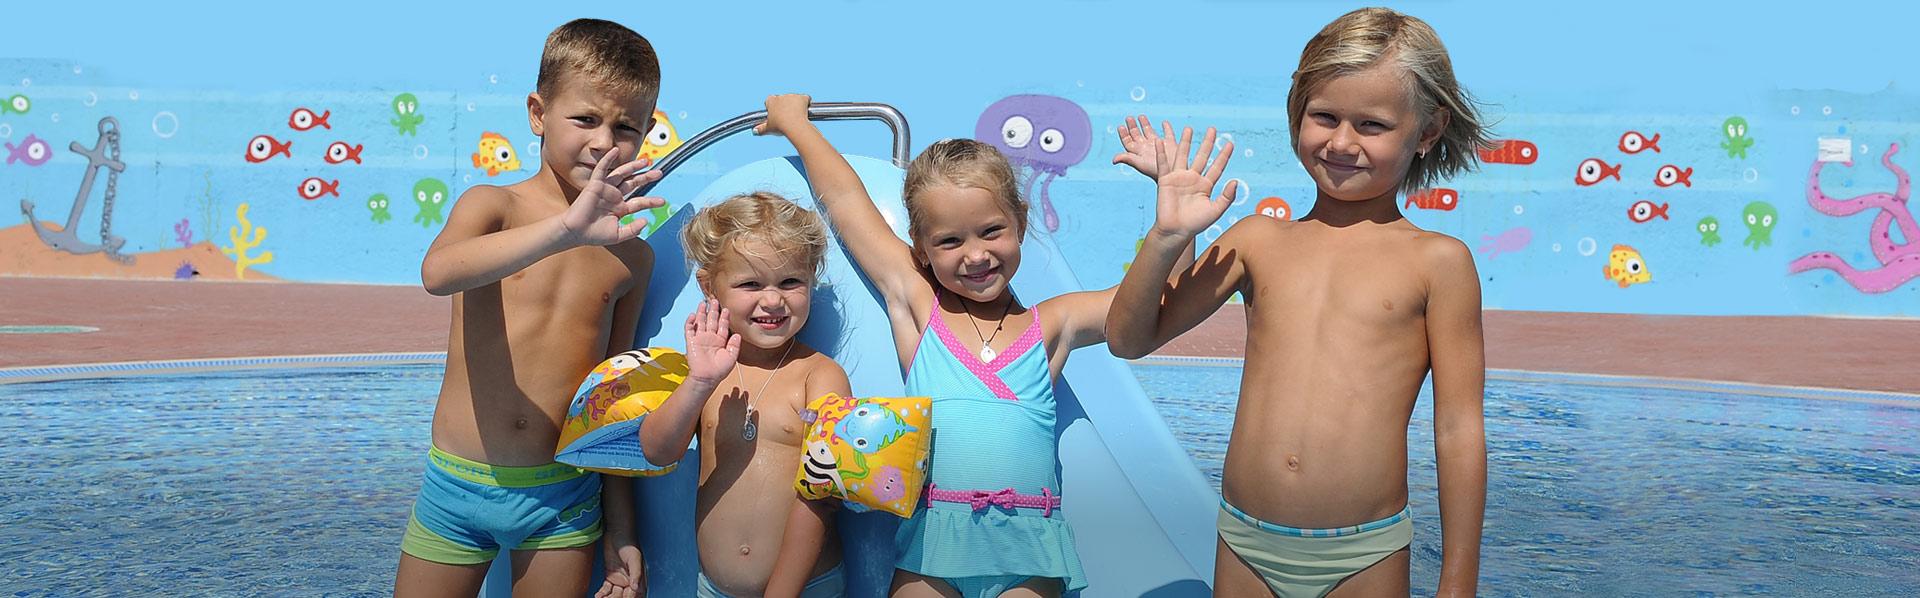 Турбаза имени А.В. Мокроусова — это идеальное место для отдыха с детьми!